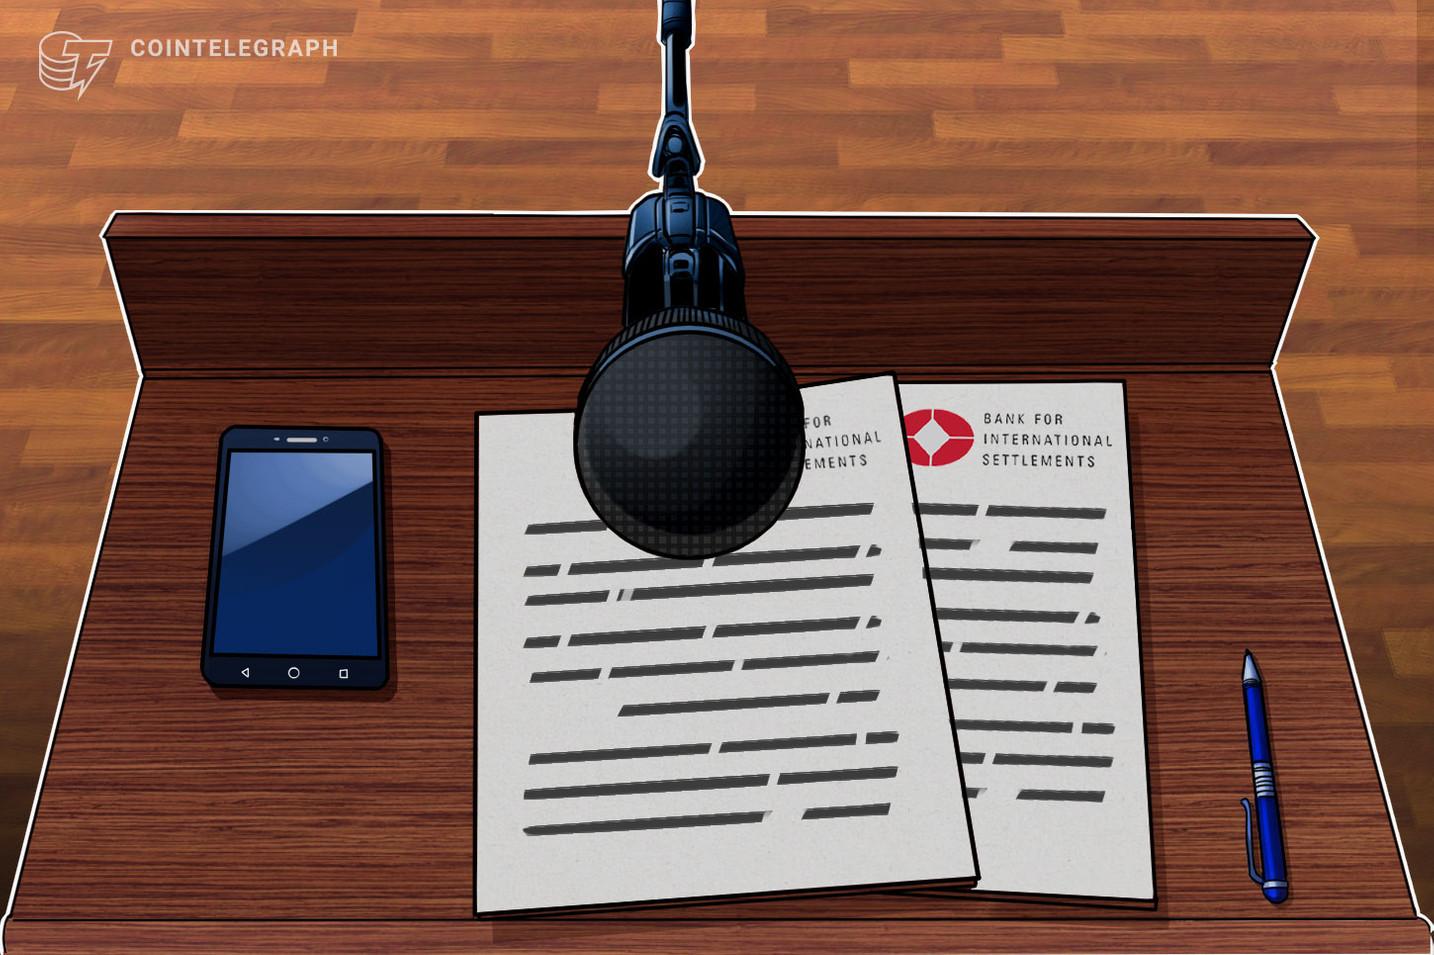 Comité de Basilea: El crecimiento de la criptoindustria podría amenazar a los bancos y a la estabilidad financiera